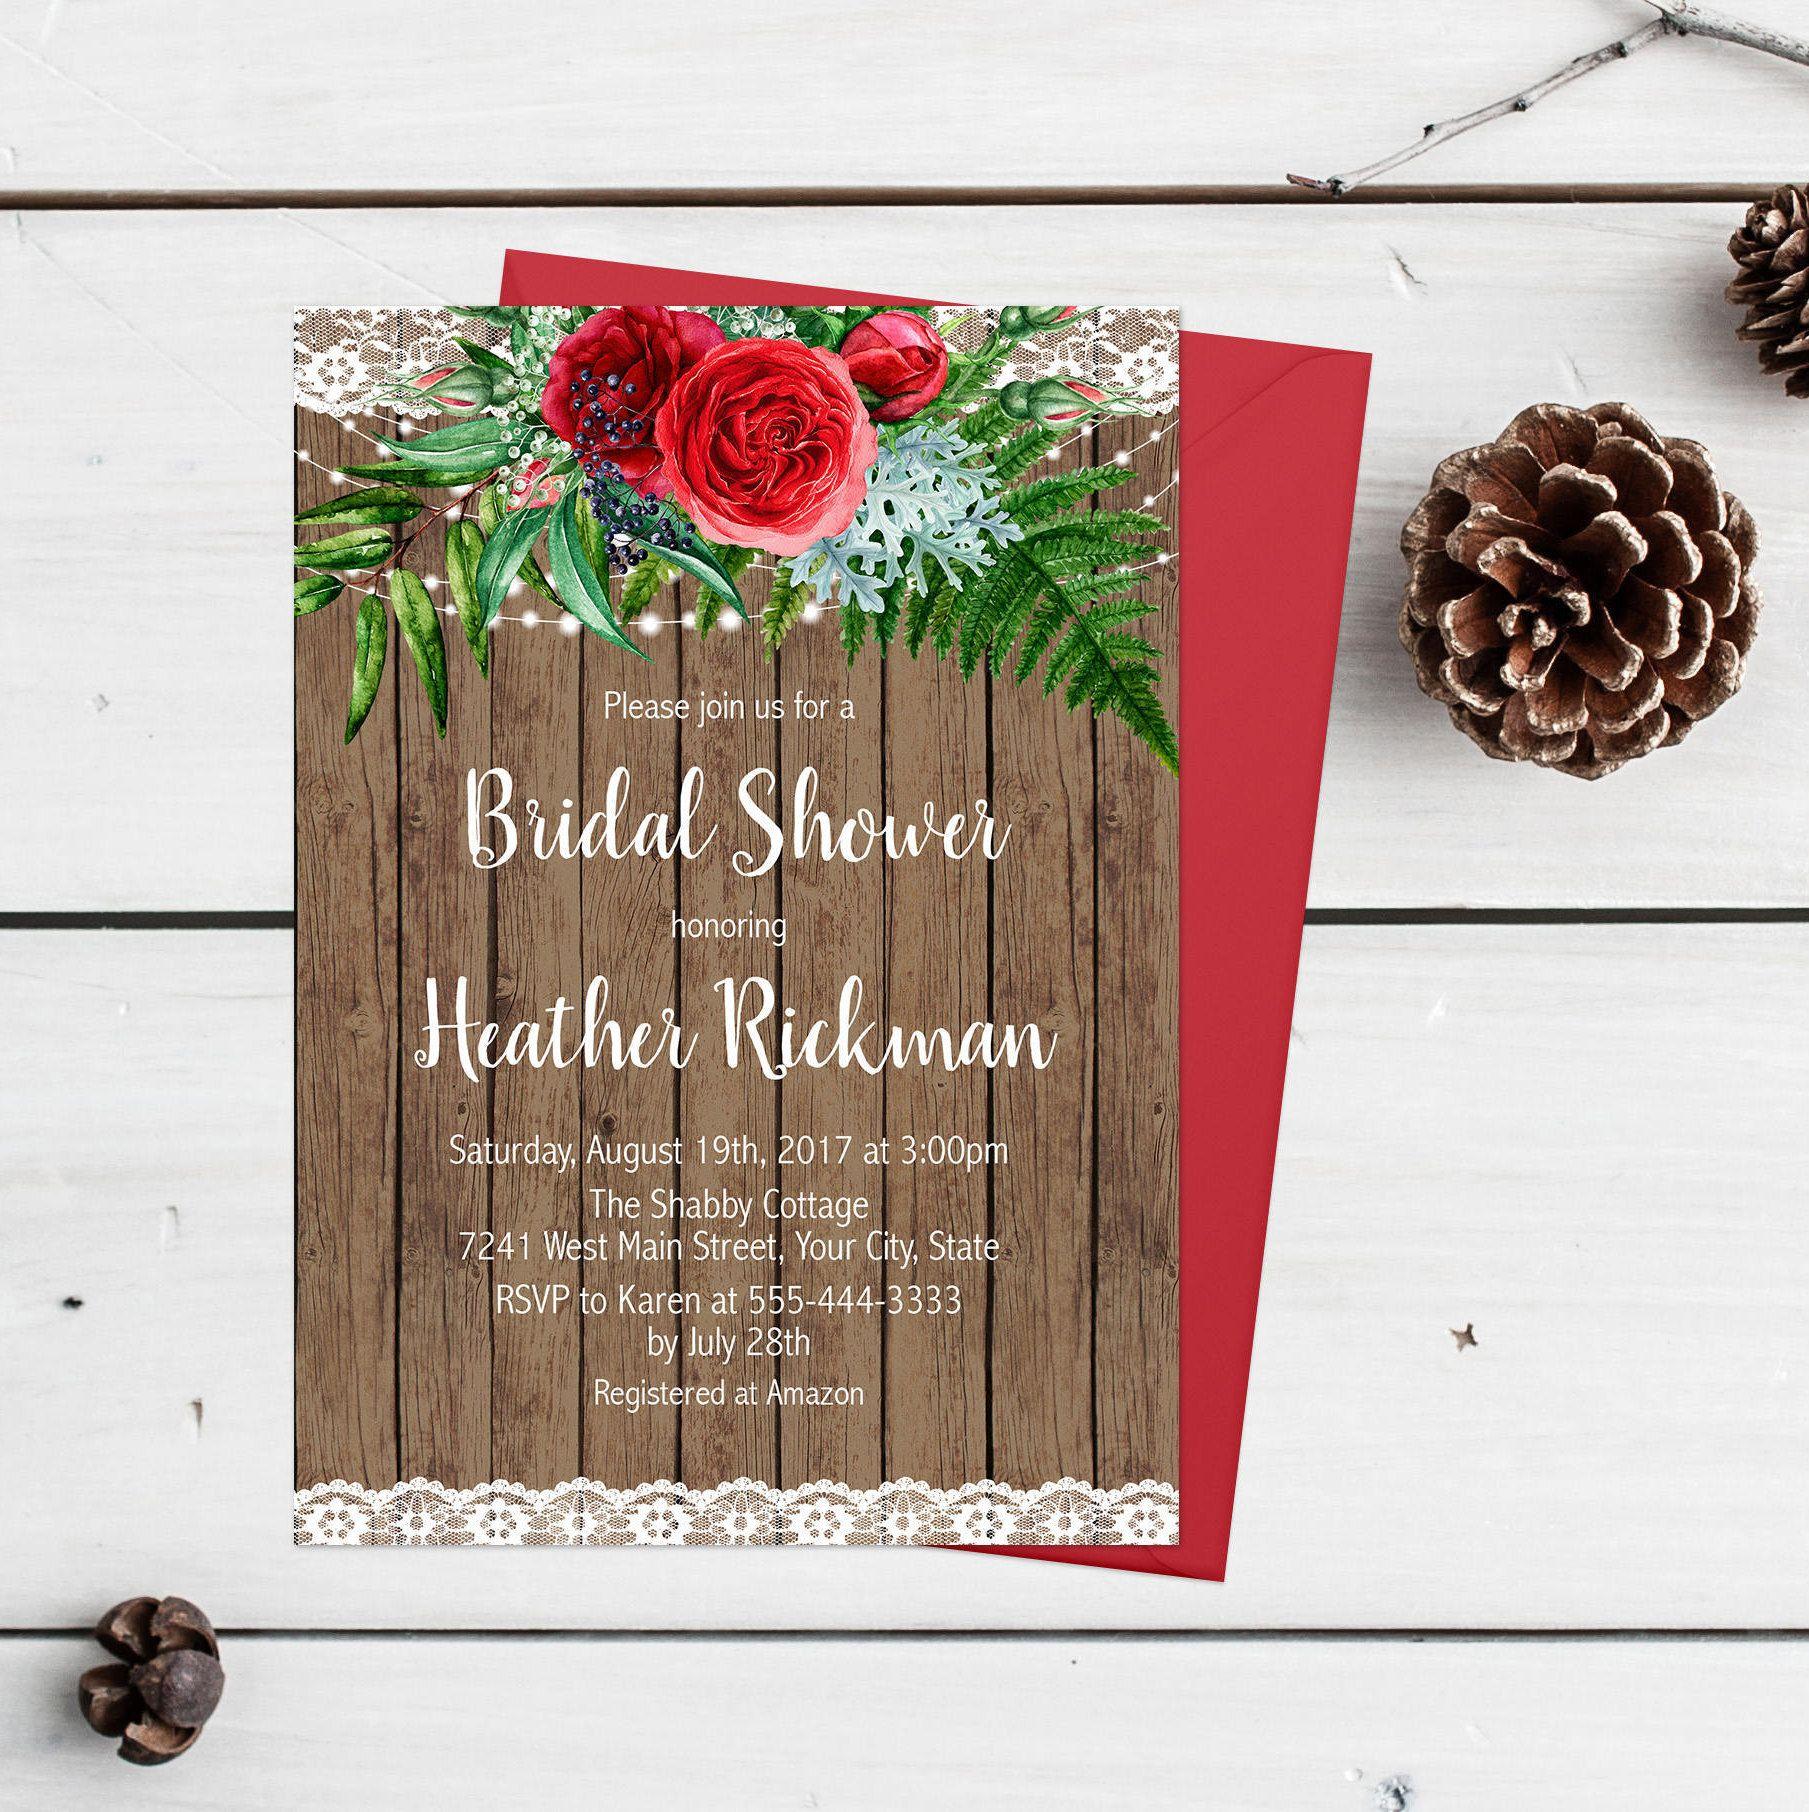 Rustic Bridal Shower Invitation Printable Red Floral Bridal Shower ...